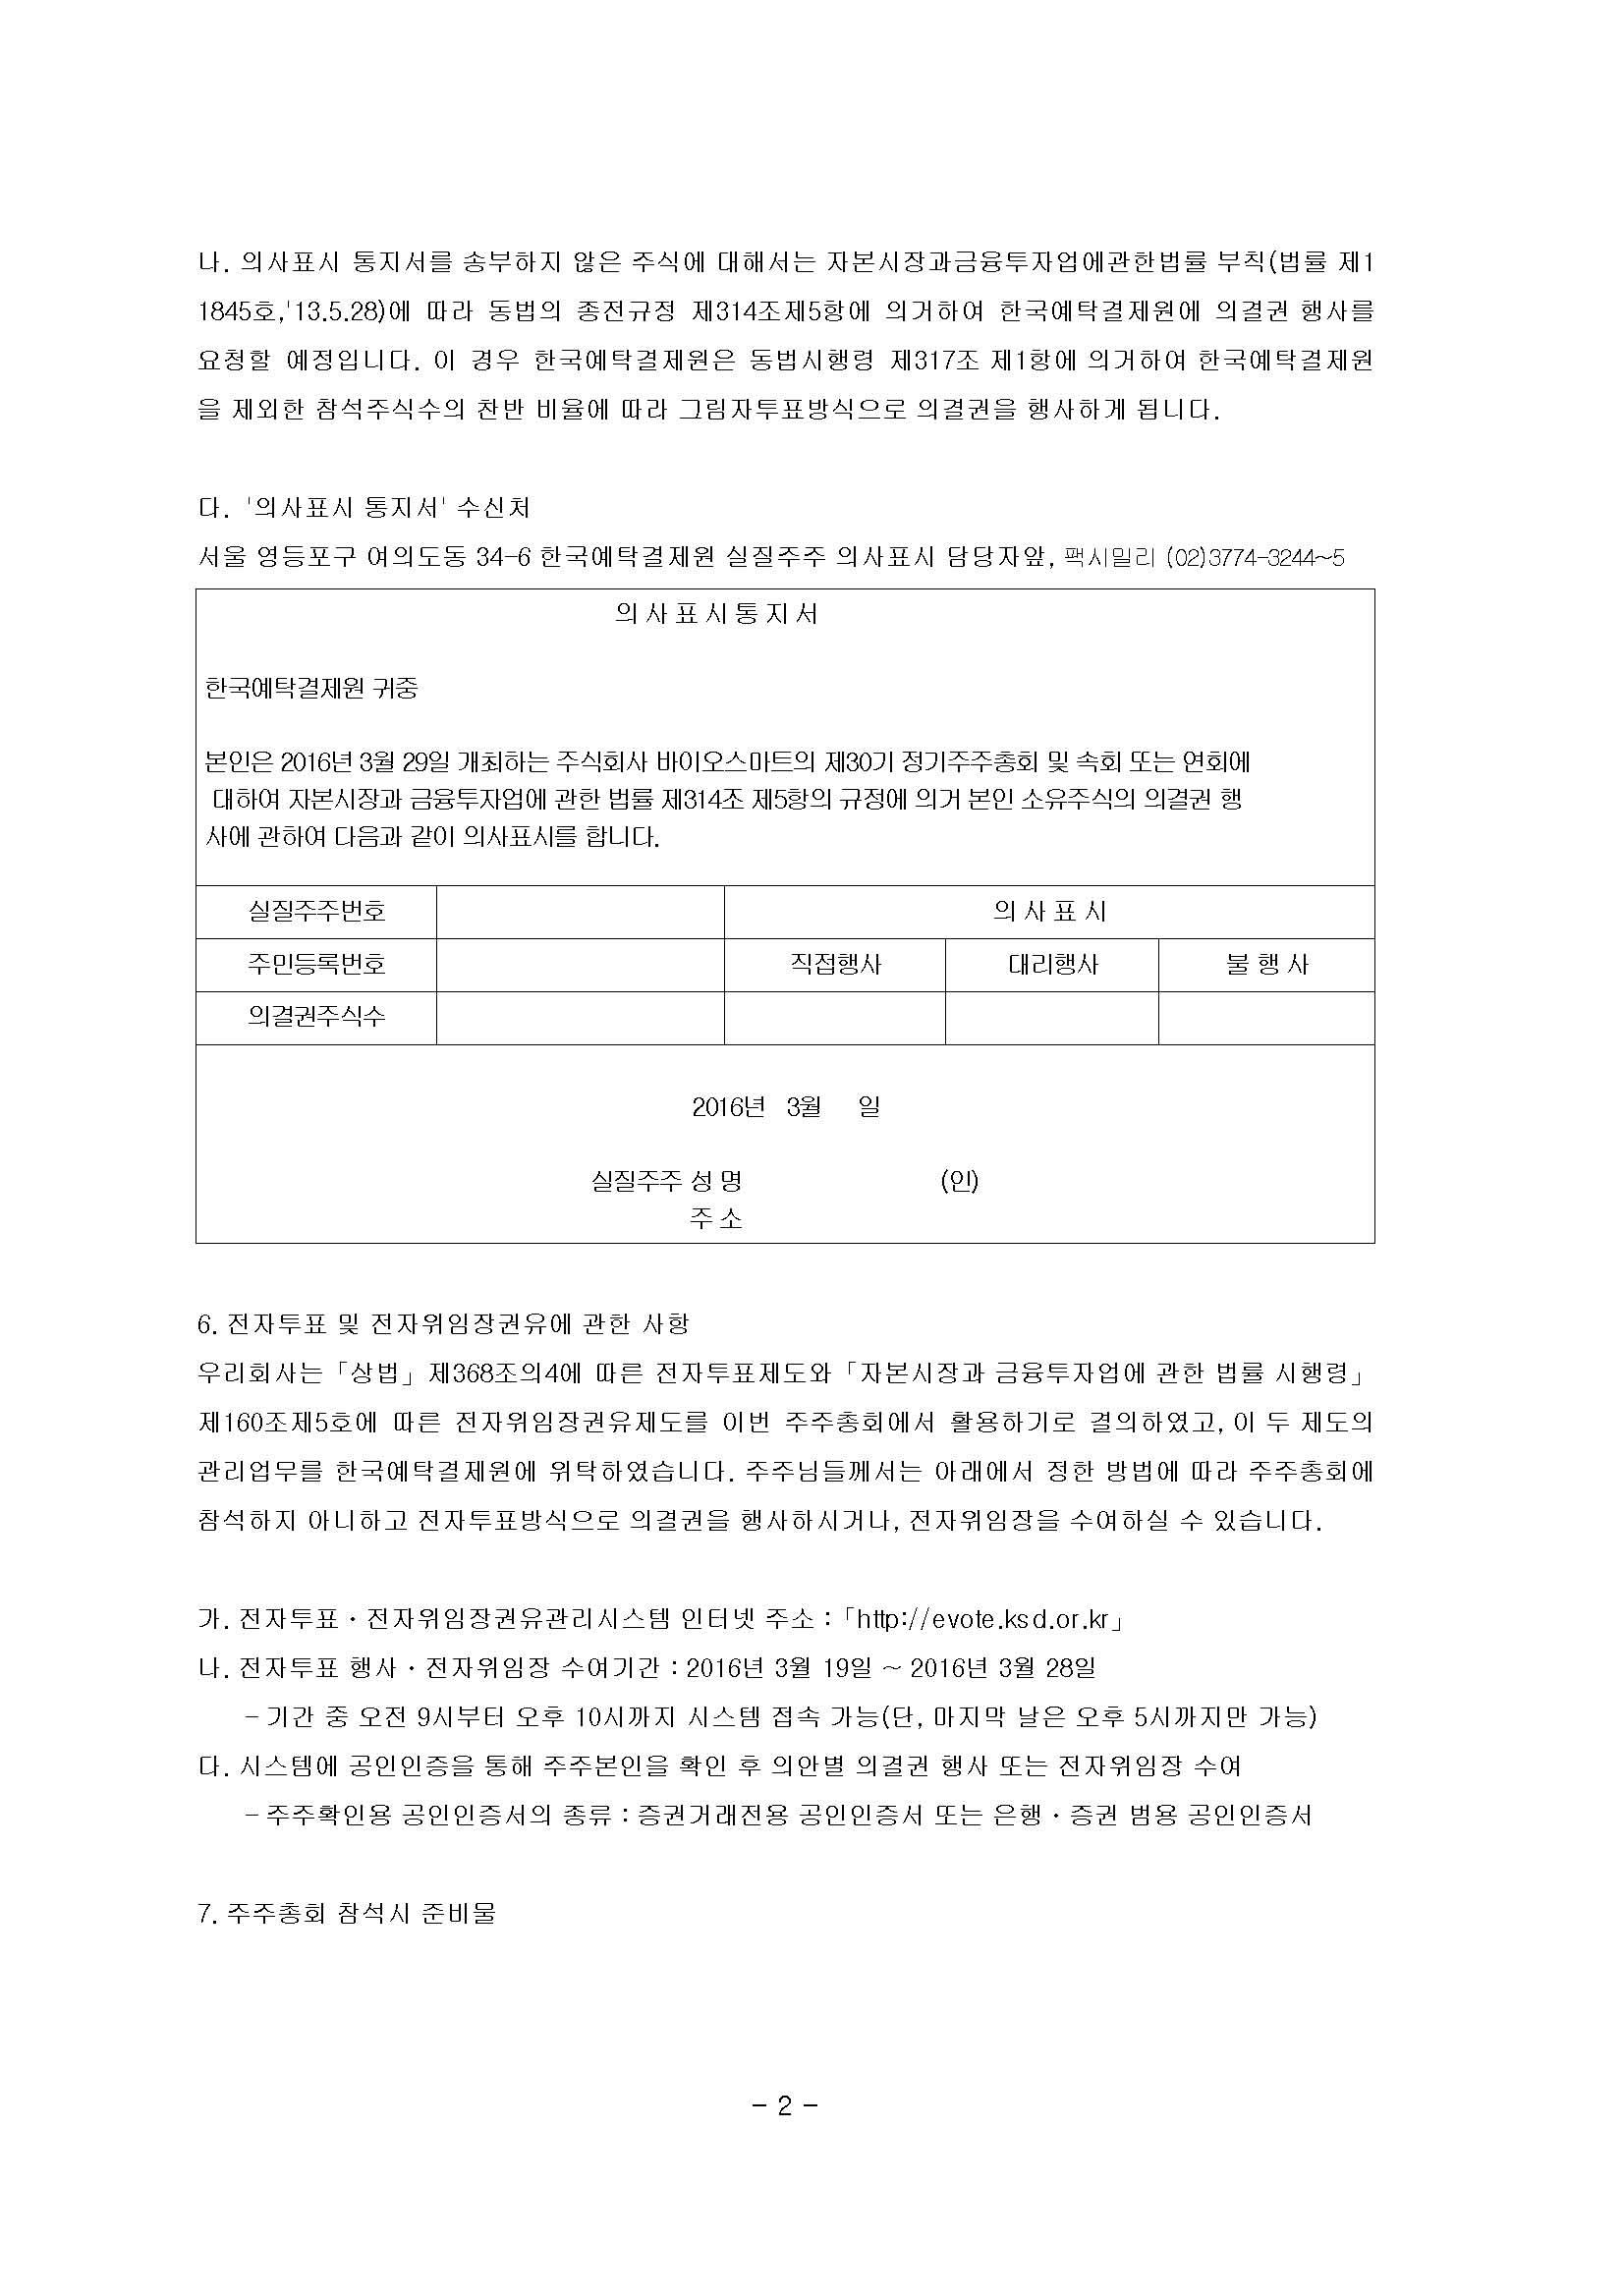 20160311 주주총회 소집공고-바이오_페이지_03.jpg